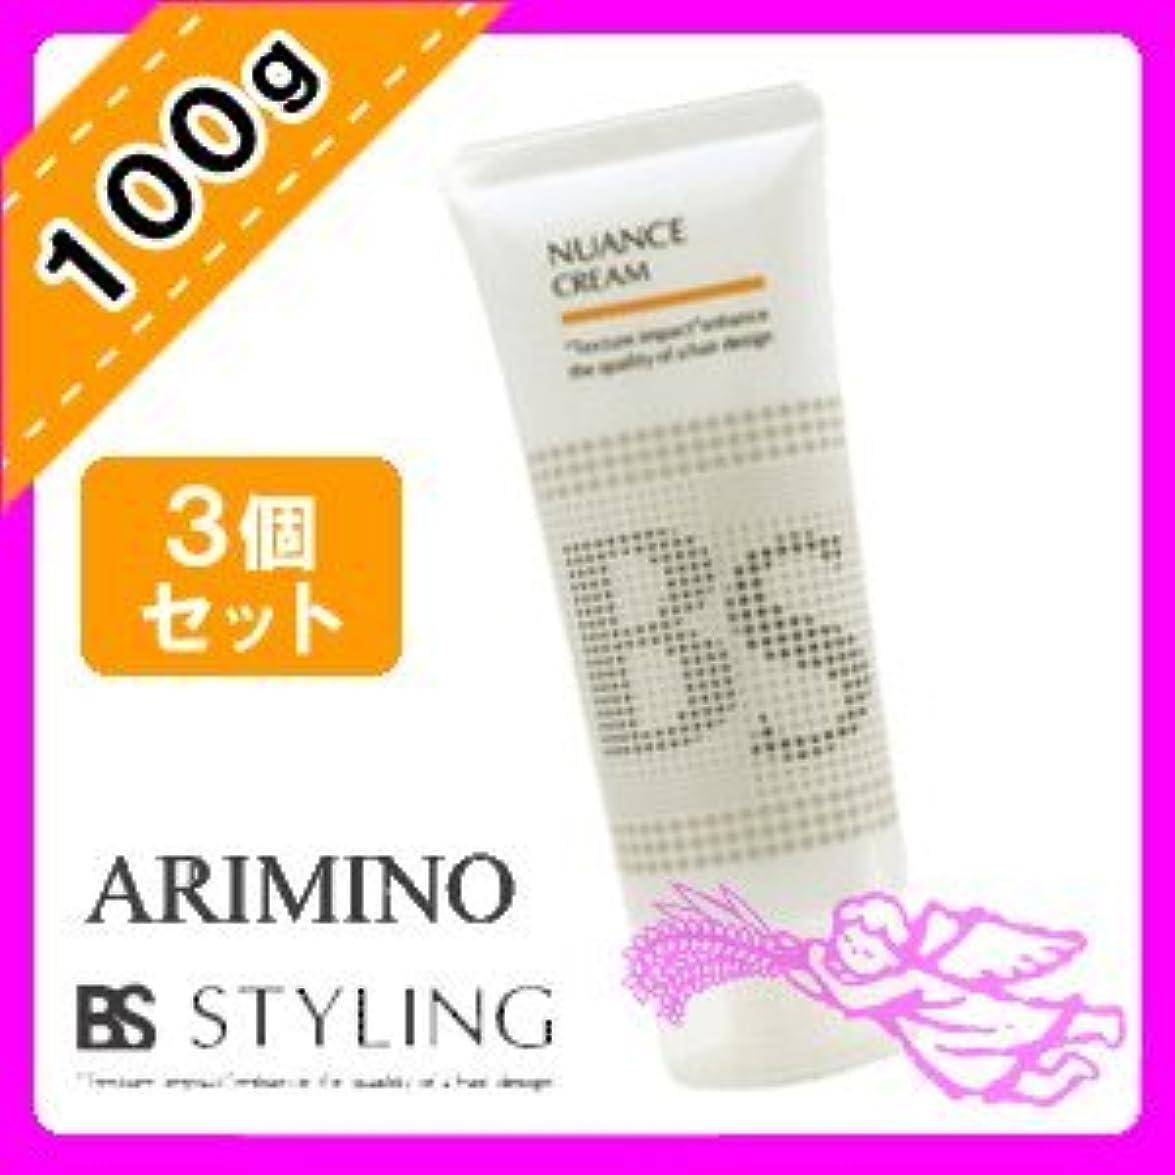 愛情深い葉巻適応するアリミノ BSスタイリング ニュアンス クリーム 100g x 3個 セット arimino BS STYLING